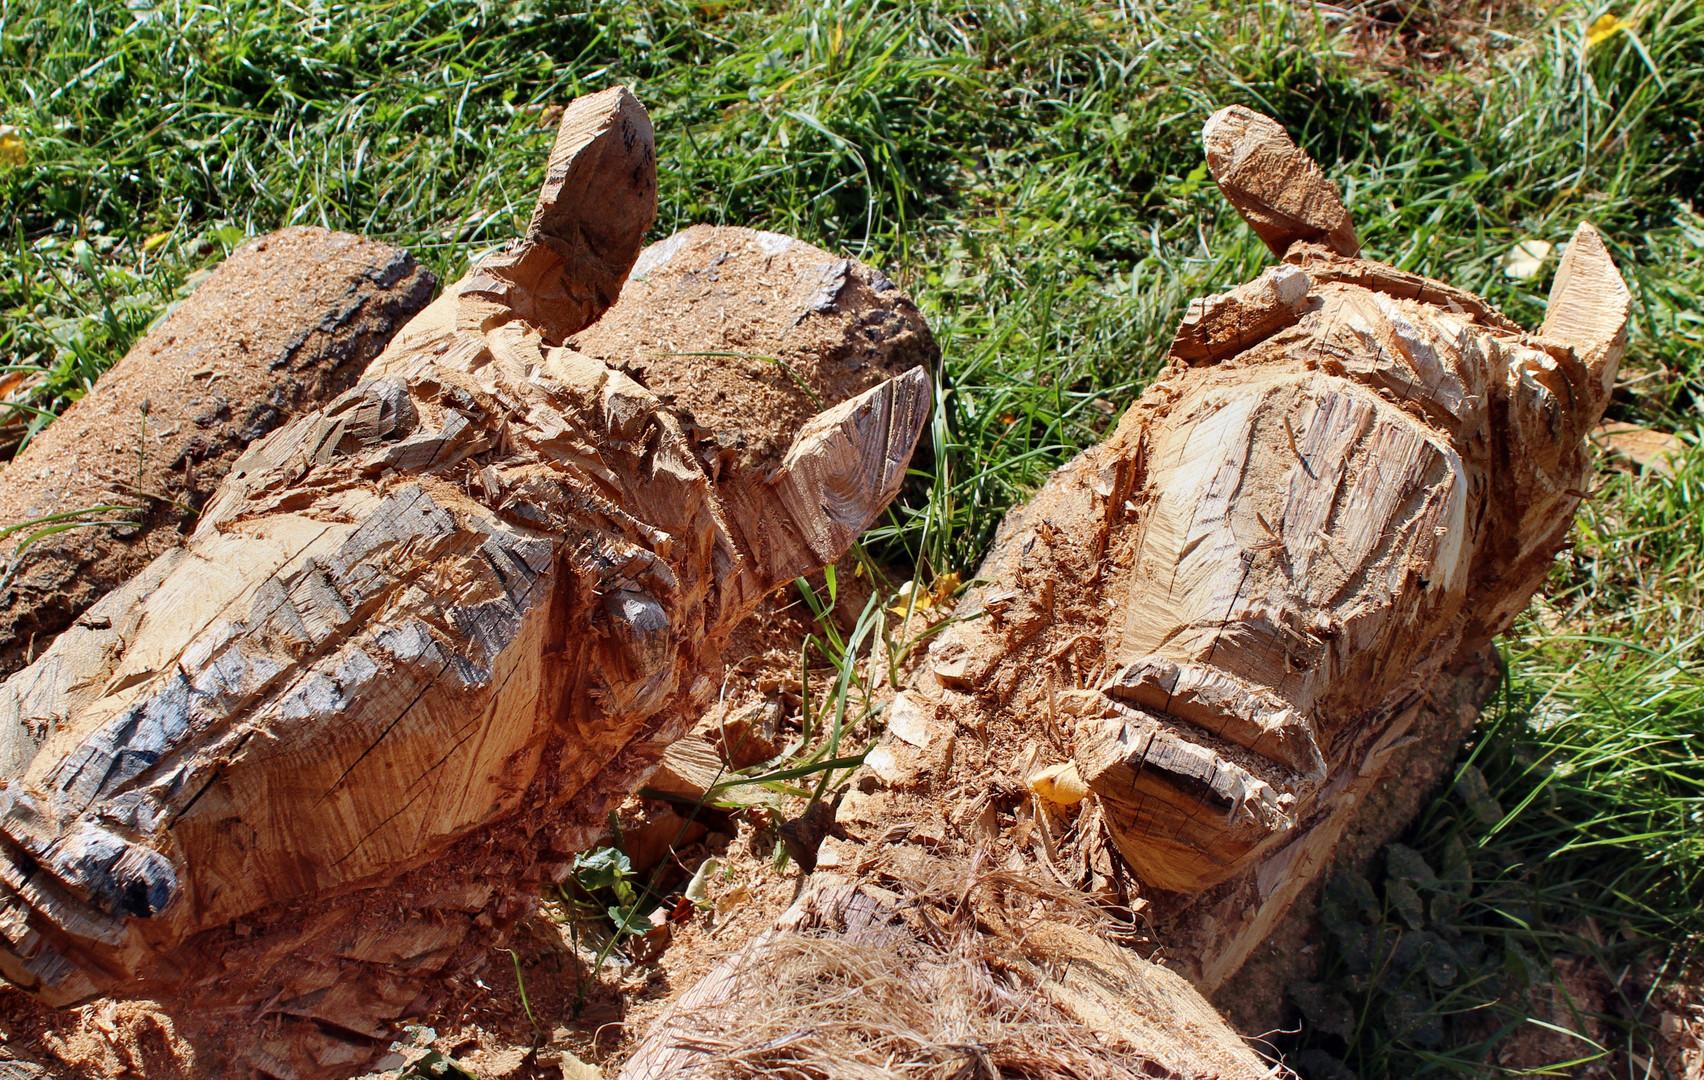 Holzschnitzerei für den Giebel der Keltenhütte